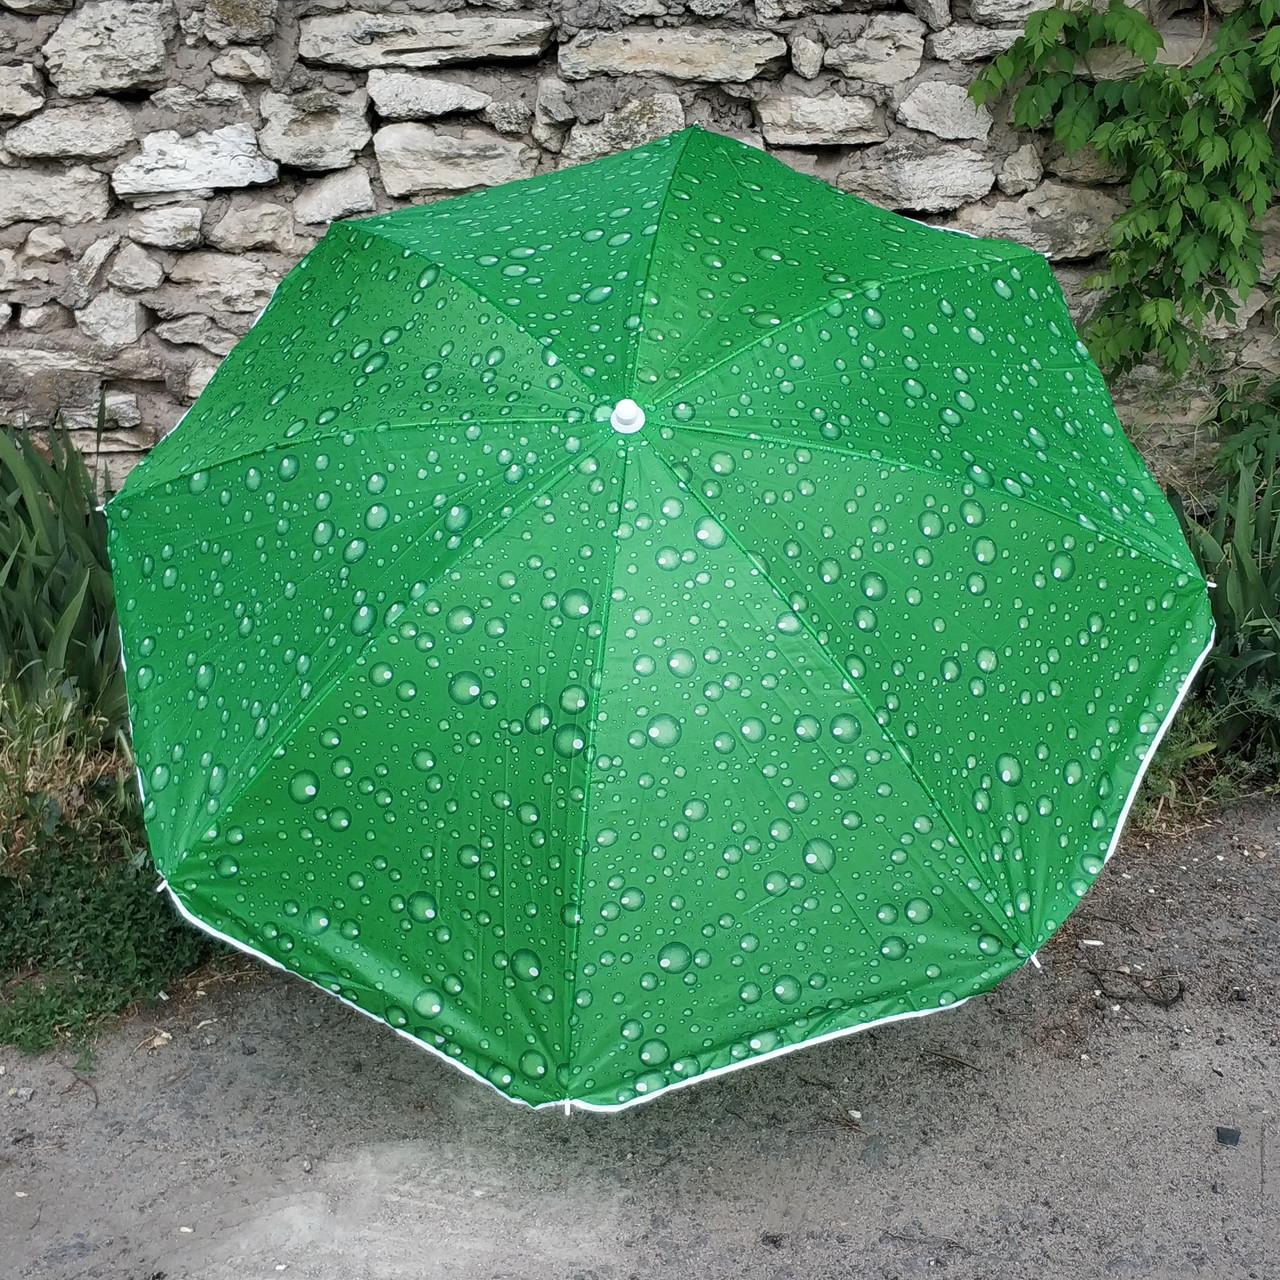 Большой пляжный зонт зонтик 150 см диаметр 180 см высоты зелёный